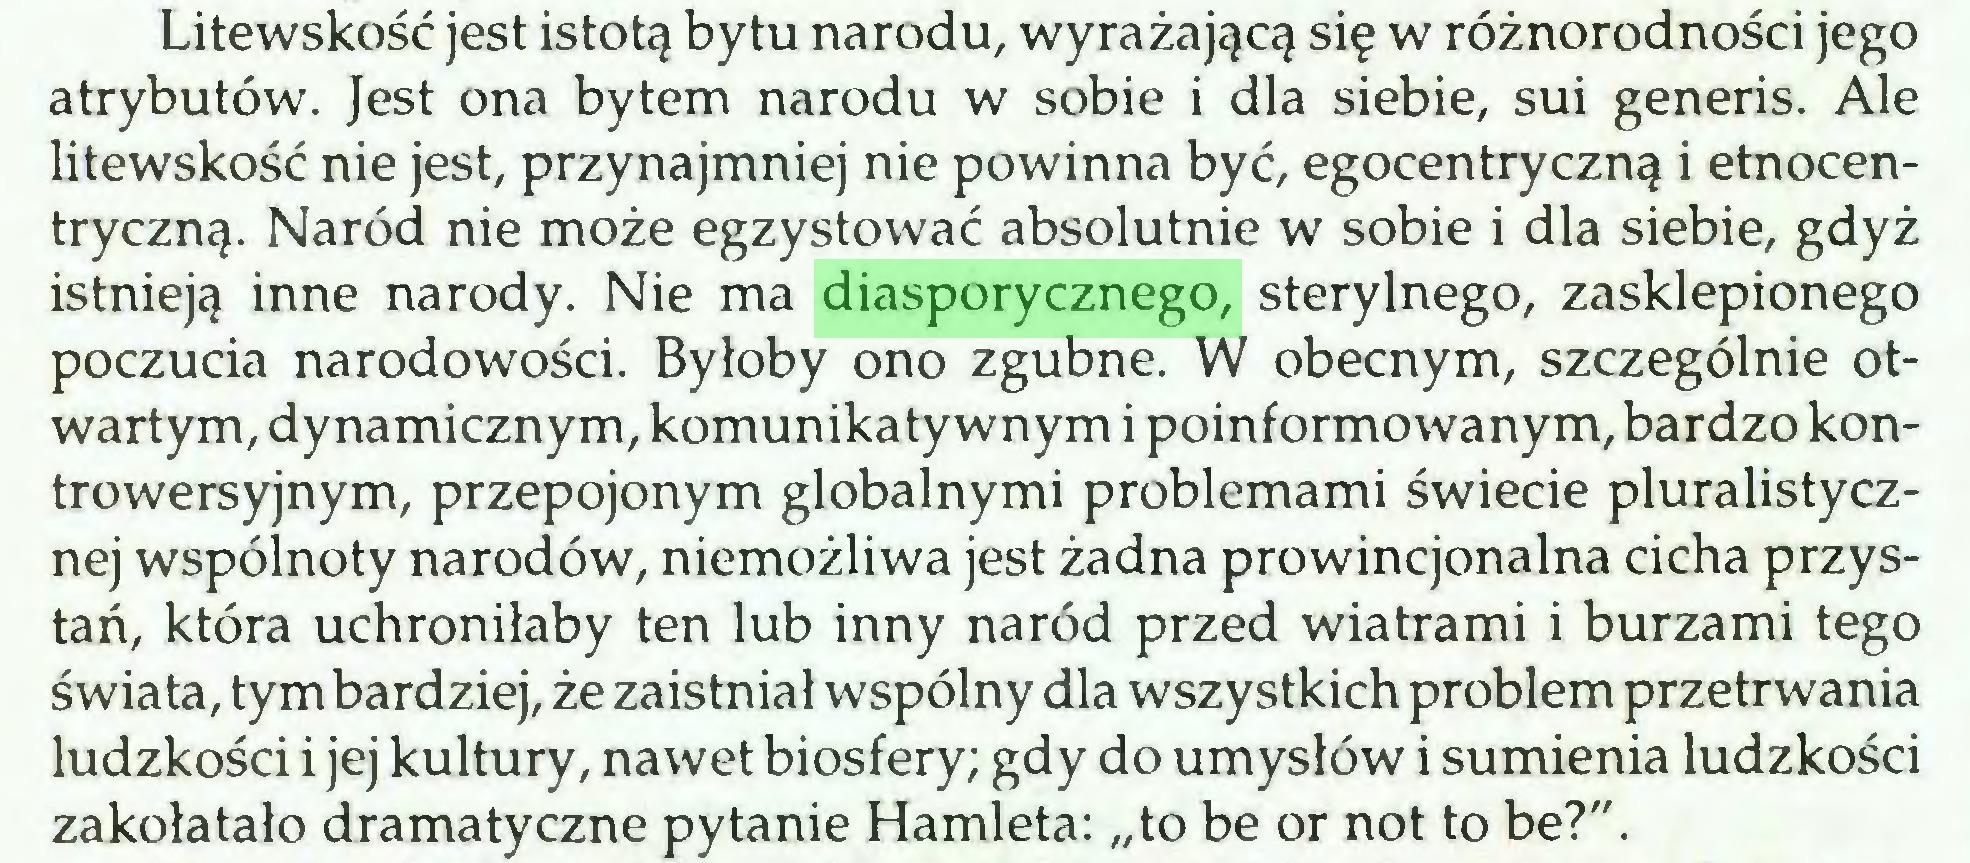 """(...) Litewskość jest istotą bytu narodu, wyrażającą się w różnorodności jego atrybutów. Jest ona bytem narodu w sobie i dla siebie, sui generis. Ale litewskość nie jest, przynajmniej nie powinna być, egocentryczną i etnocentryczną. Naród nie może egzystować absolutnie w sobie i dla siebie, gdyż istnieją inne narody. Nie ma diasporycznego, sterylnego, zasklepionego poczucia narodowości. Byłoby ono zgubne. W obecnym, szczególnie otwartym, dynamicznym, komunikatywnym i poinformowanym, bardzo kontrowersyjnym, przepojonym globalnymi problemami świecie pluralistycznej wspólnoty narodów, niemożliwa jest żadna prowincjonalna cicha przystań, która uchroniłaby ten lub inny naród przed wiatrami i burzami tego świata, tym bardziej, że zaistniał wspólny dla wszystkich problem przetrwania ludzkości i jej kultury, nawet biosfery; gdy do umysłów i sumienia ludzkości zakołatało dramatyczne pytanie Hamleta: """"to be or not to be?""""..."""